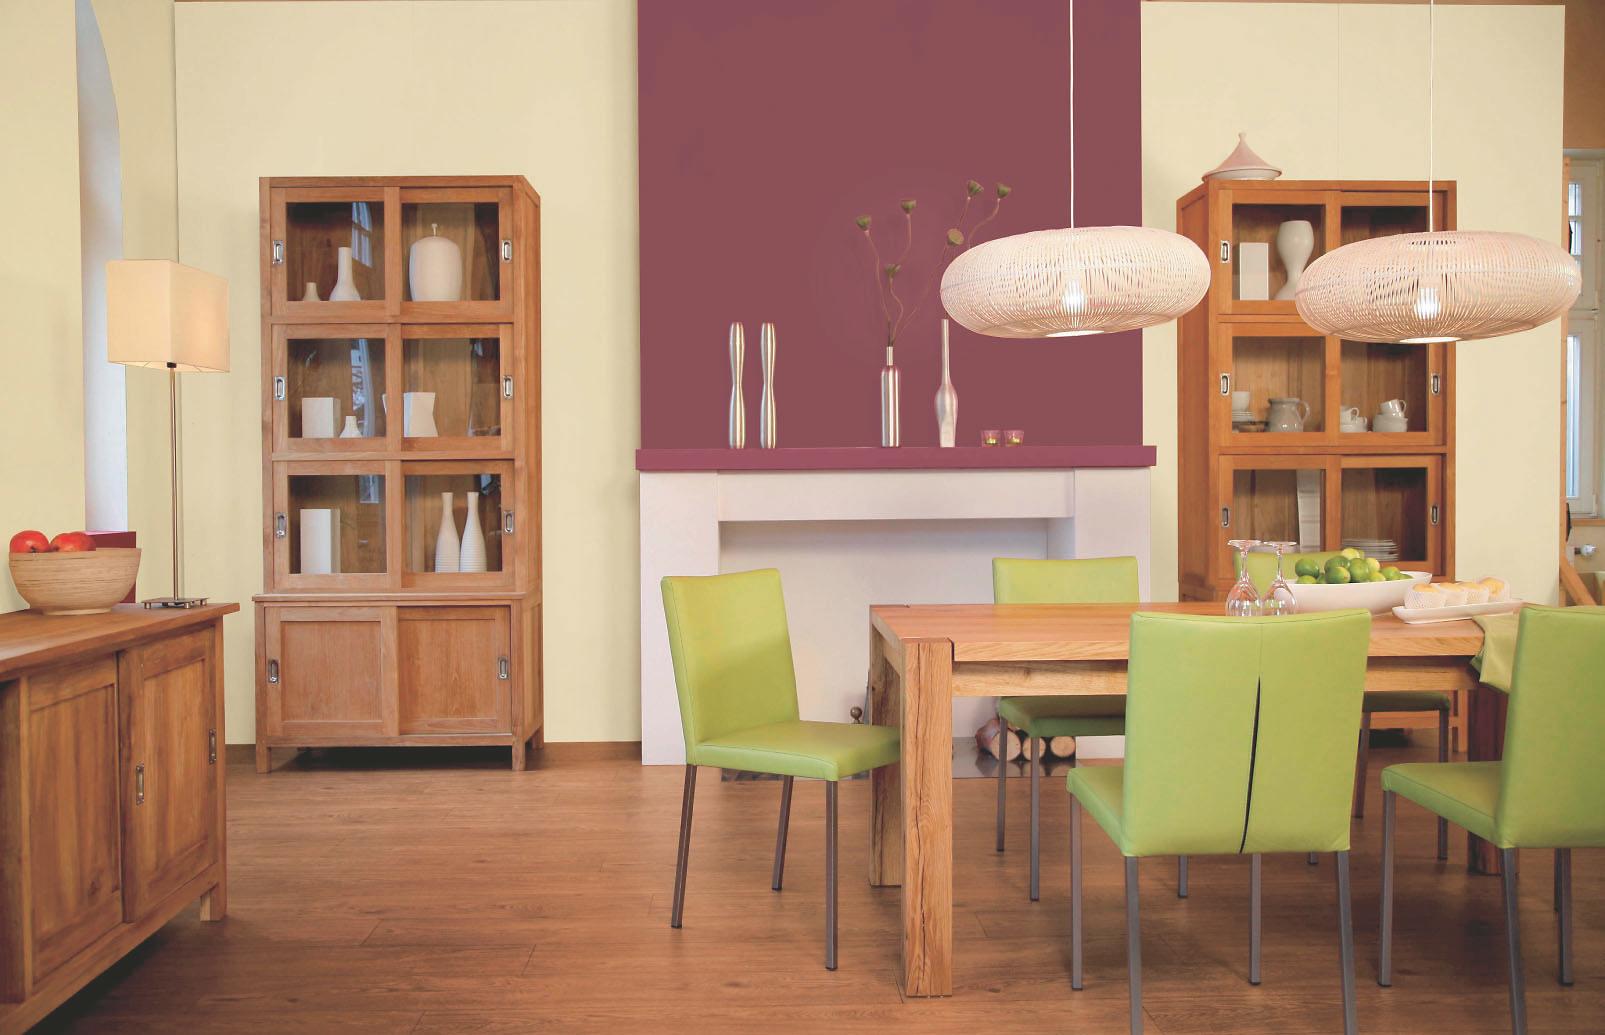 Welche Wandfarbe zu welchem Holz Farben passt: Alpina Farbe